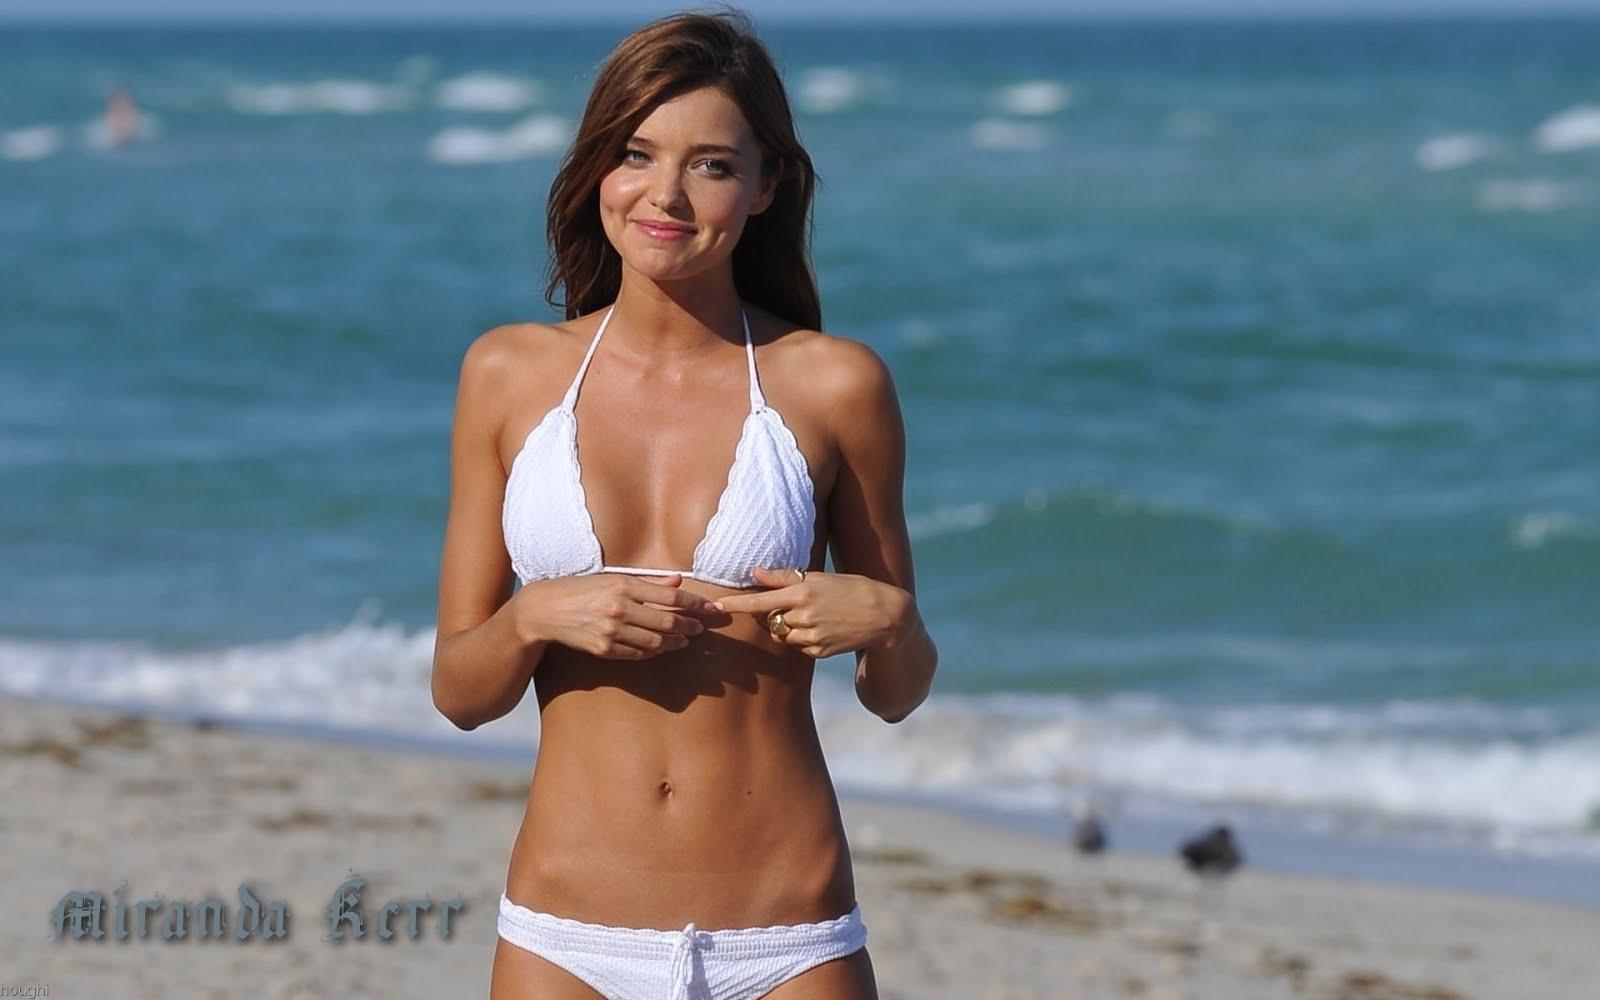 Belinda kerr bikini pics